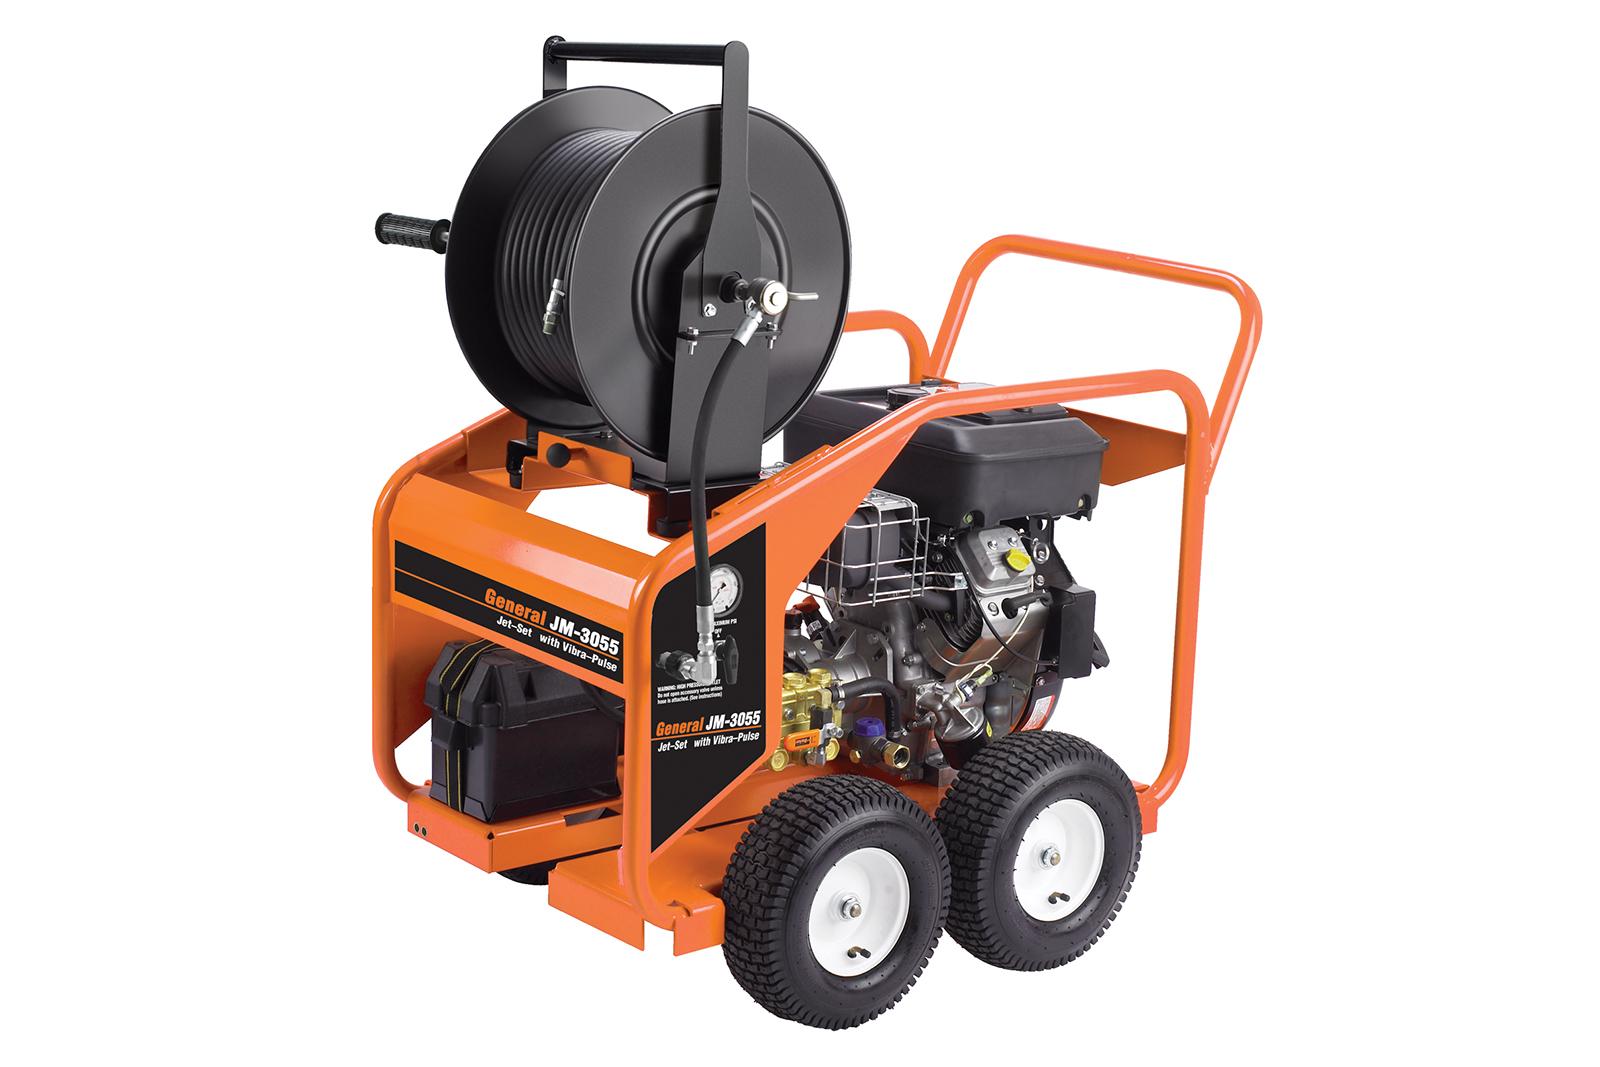 Прочистная машина General pipe Jm-3055-d прочистная машина посейдон вна б 210 10а